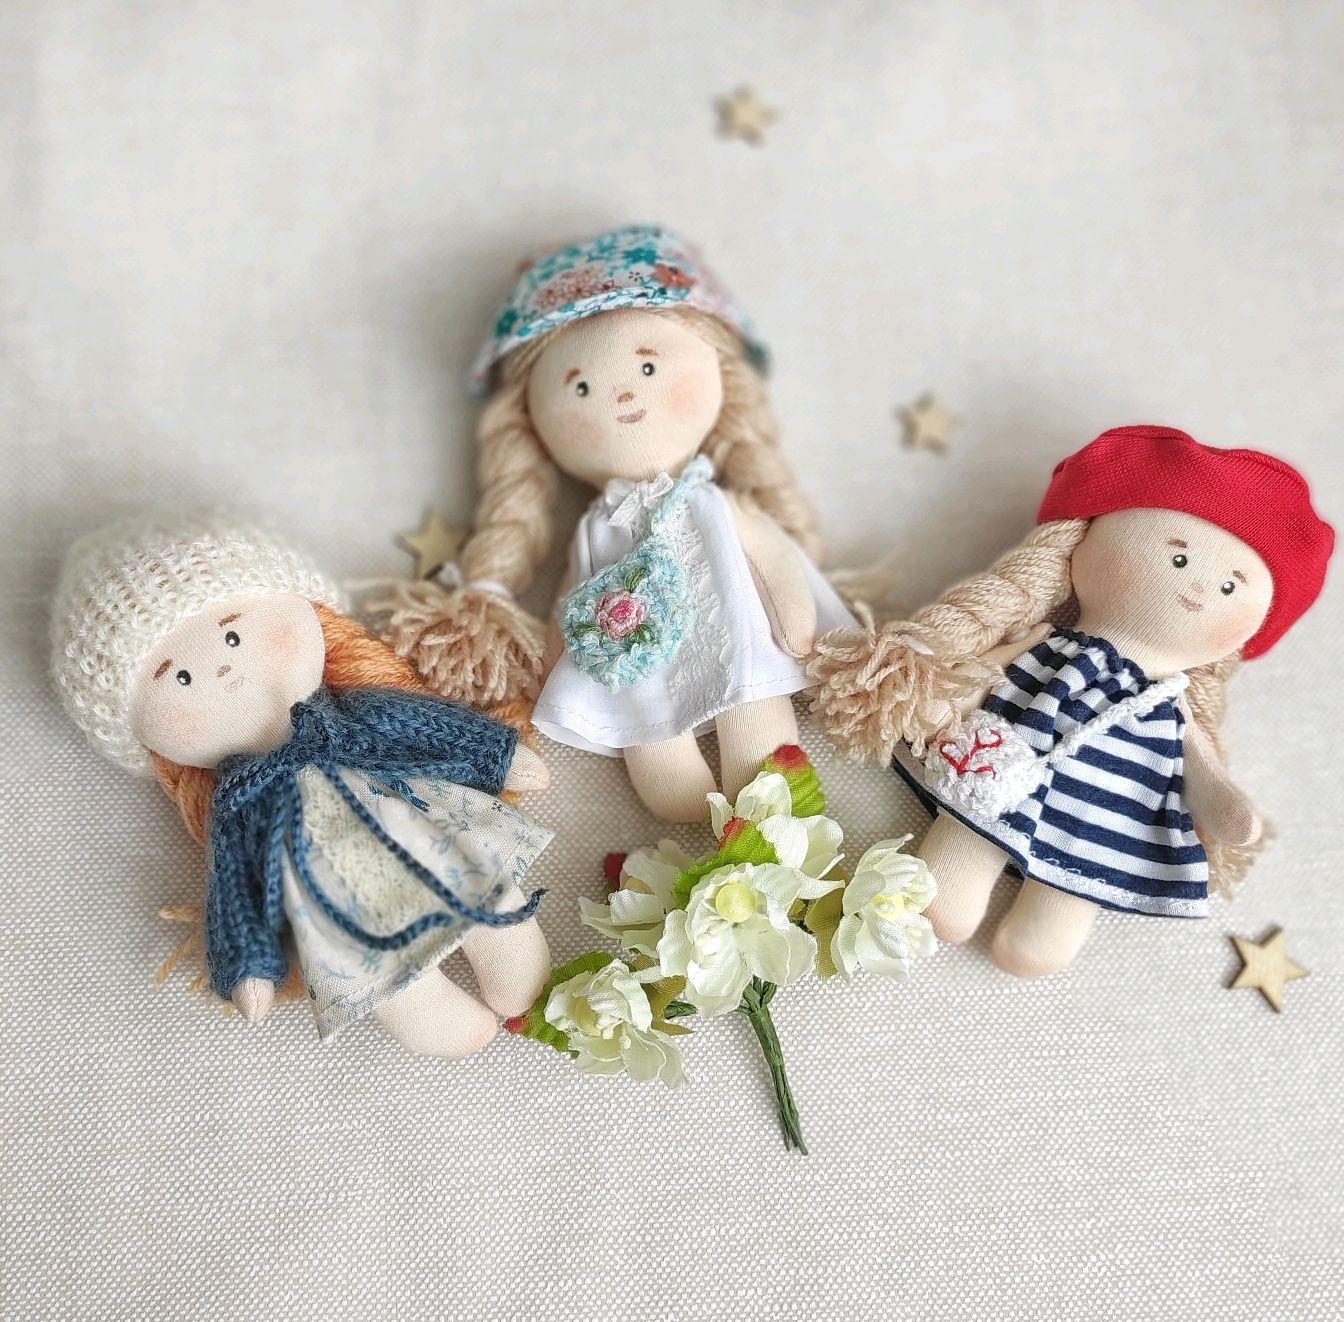 Игровая кукла, Куклы и пупсы, Новосибирск,  Фото №1